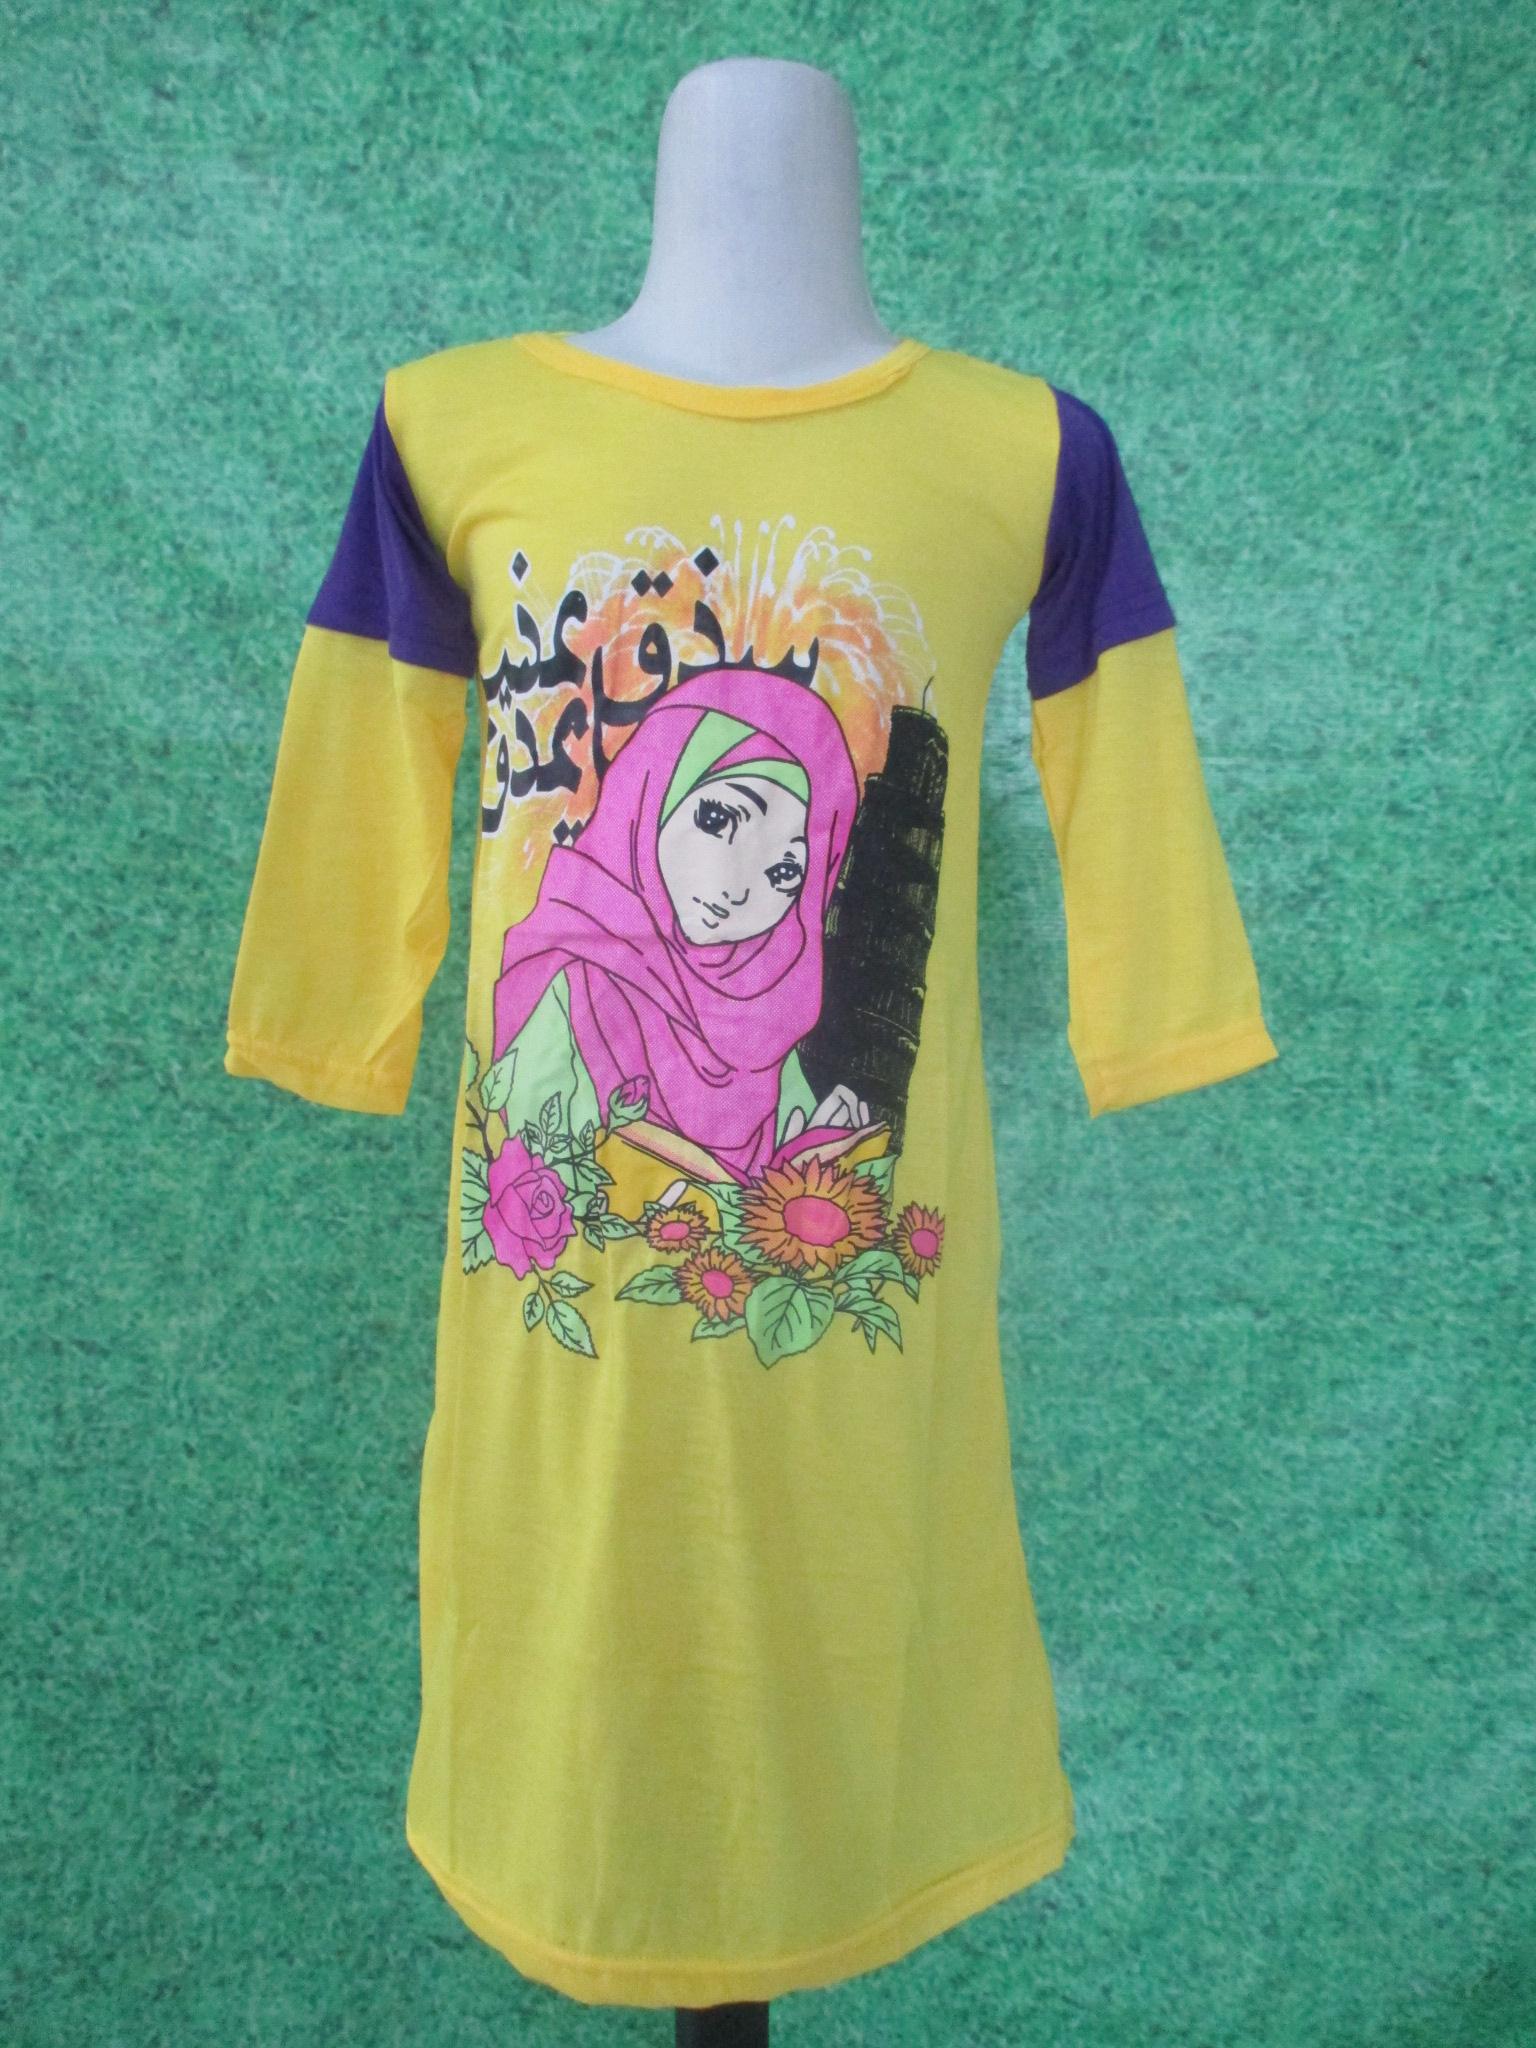 ObralanBaju.com Obral Baju Pakaian Murah Meriah 5000 Dress Muslim